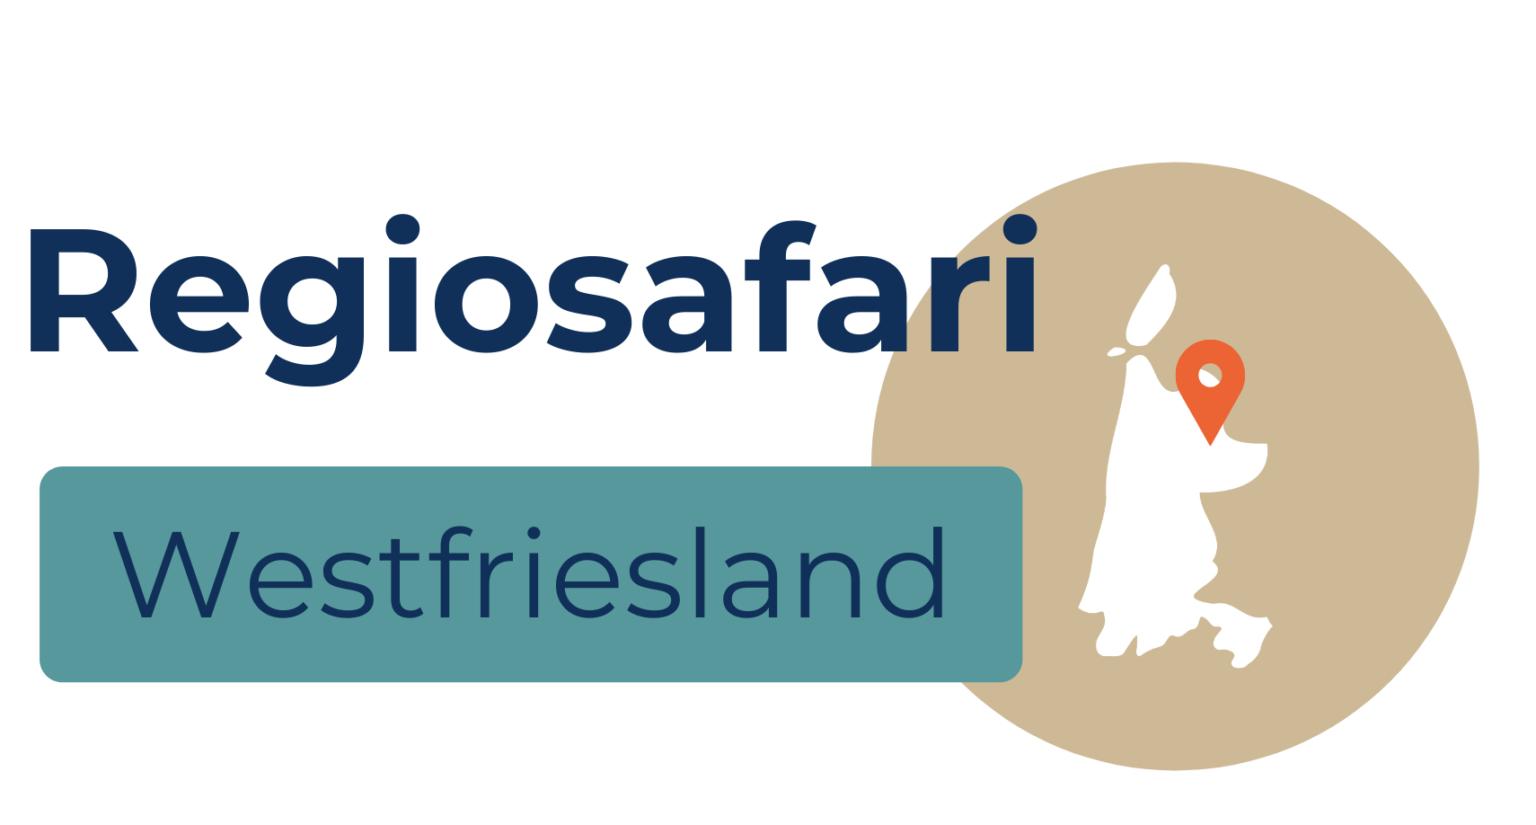 Regiosafari Westfriesland